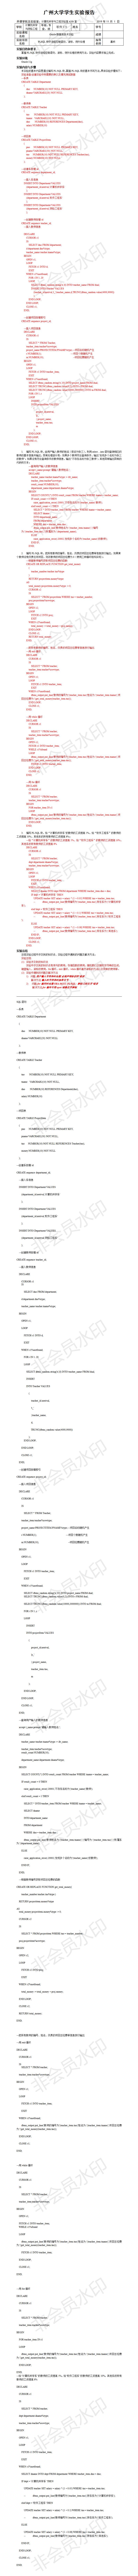 广州大学oracle数据库实验二